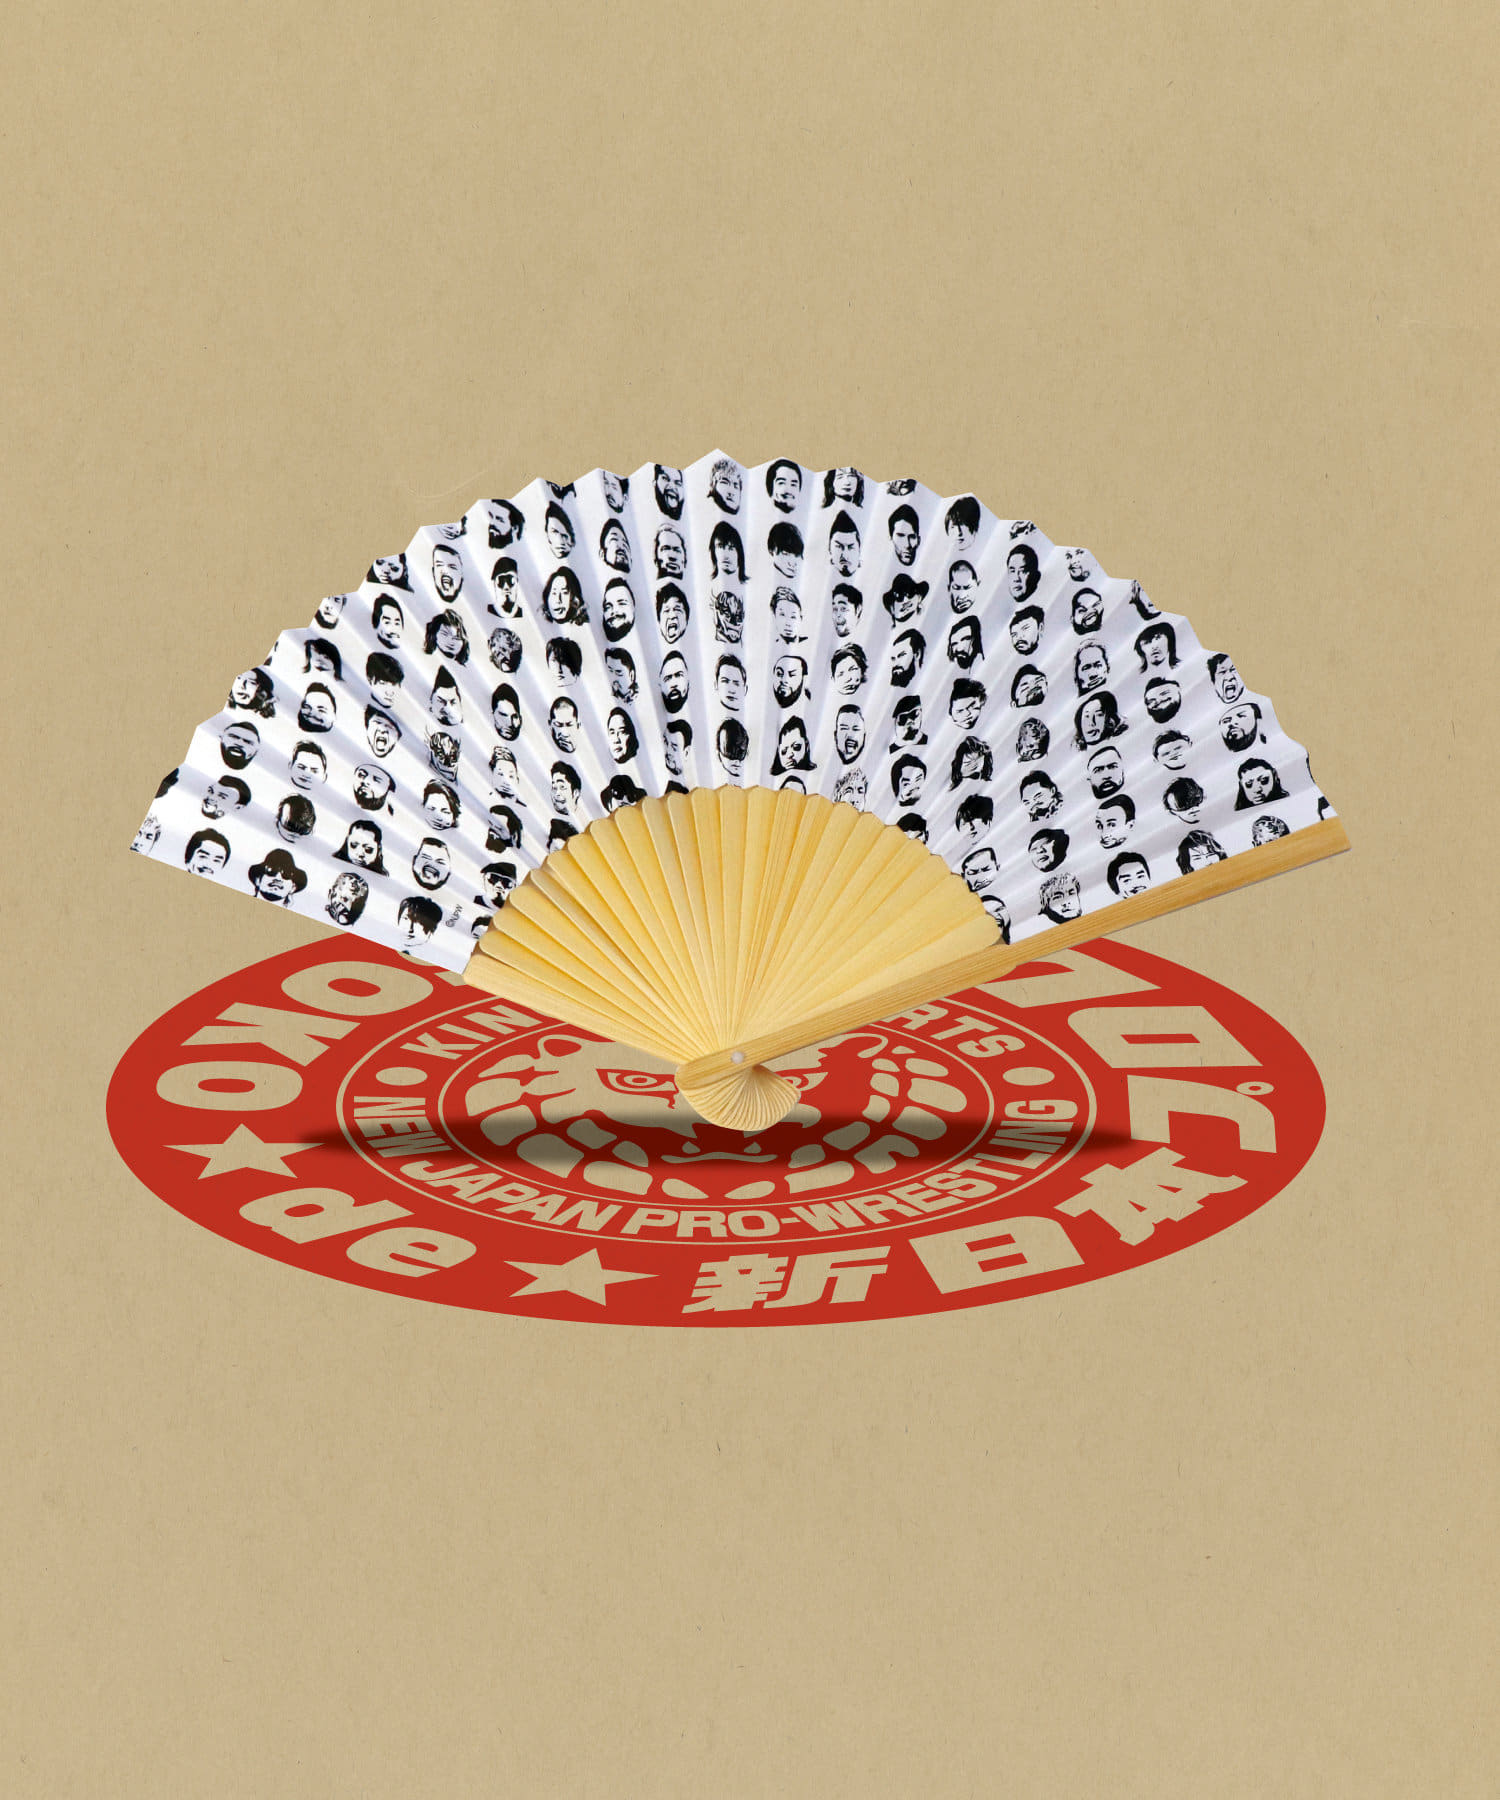 ASOKO(アソコ) ASOKO(アソコ) 【ASOKO de 新日本プロレス】扇子 その他